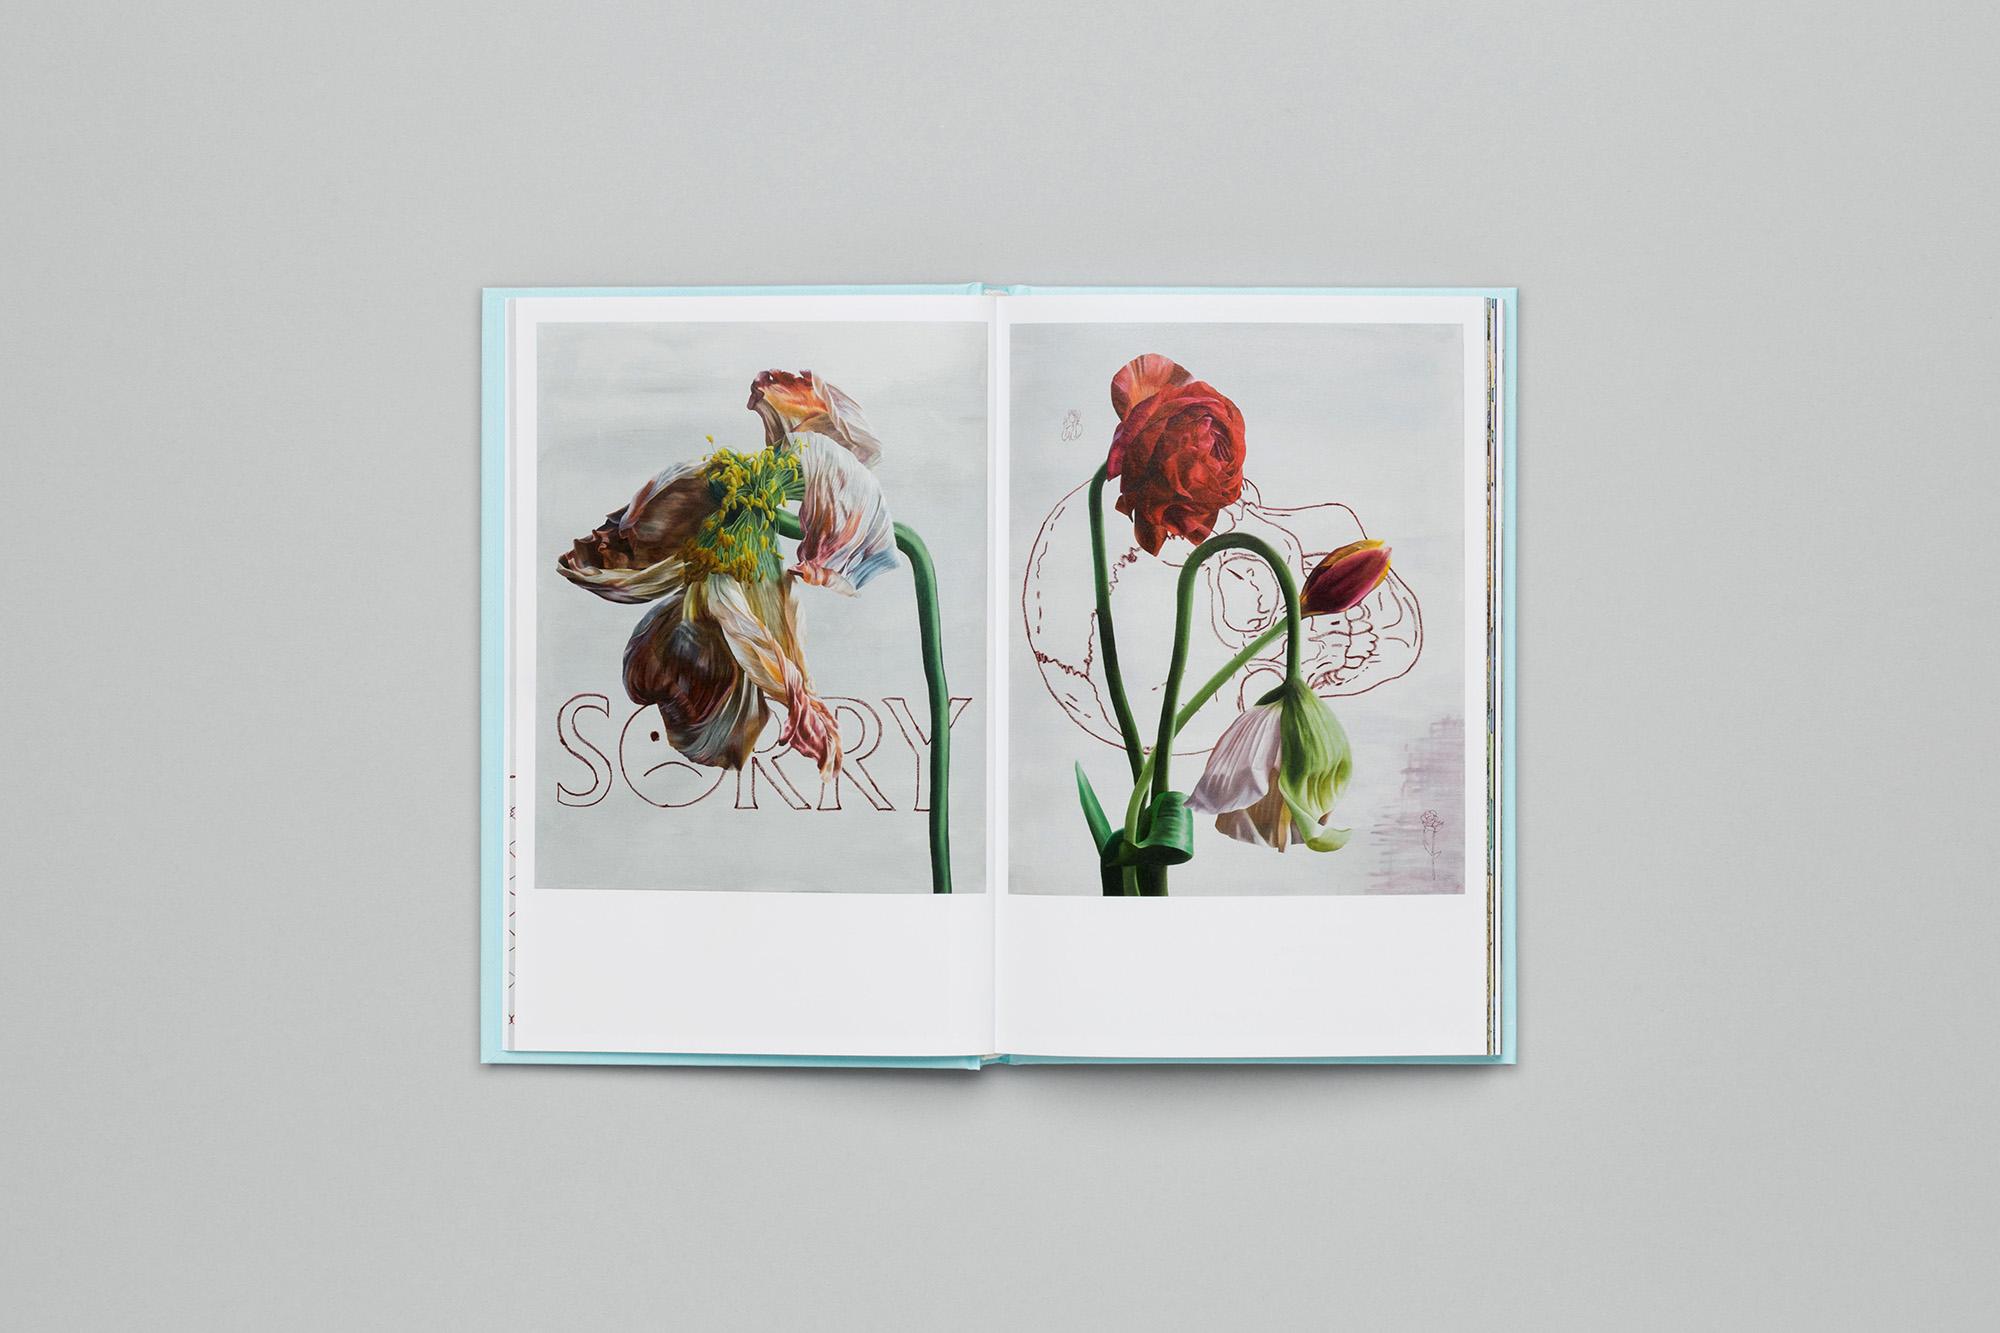 iGNANT-Design-Strange-Plants-iii-Spread-7